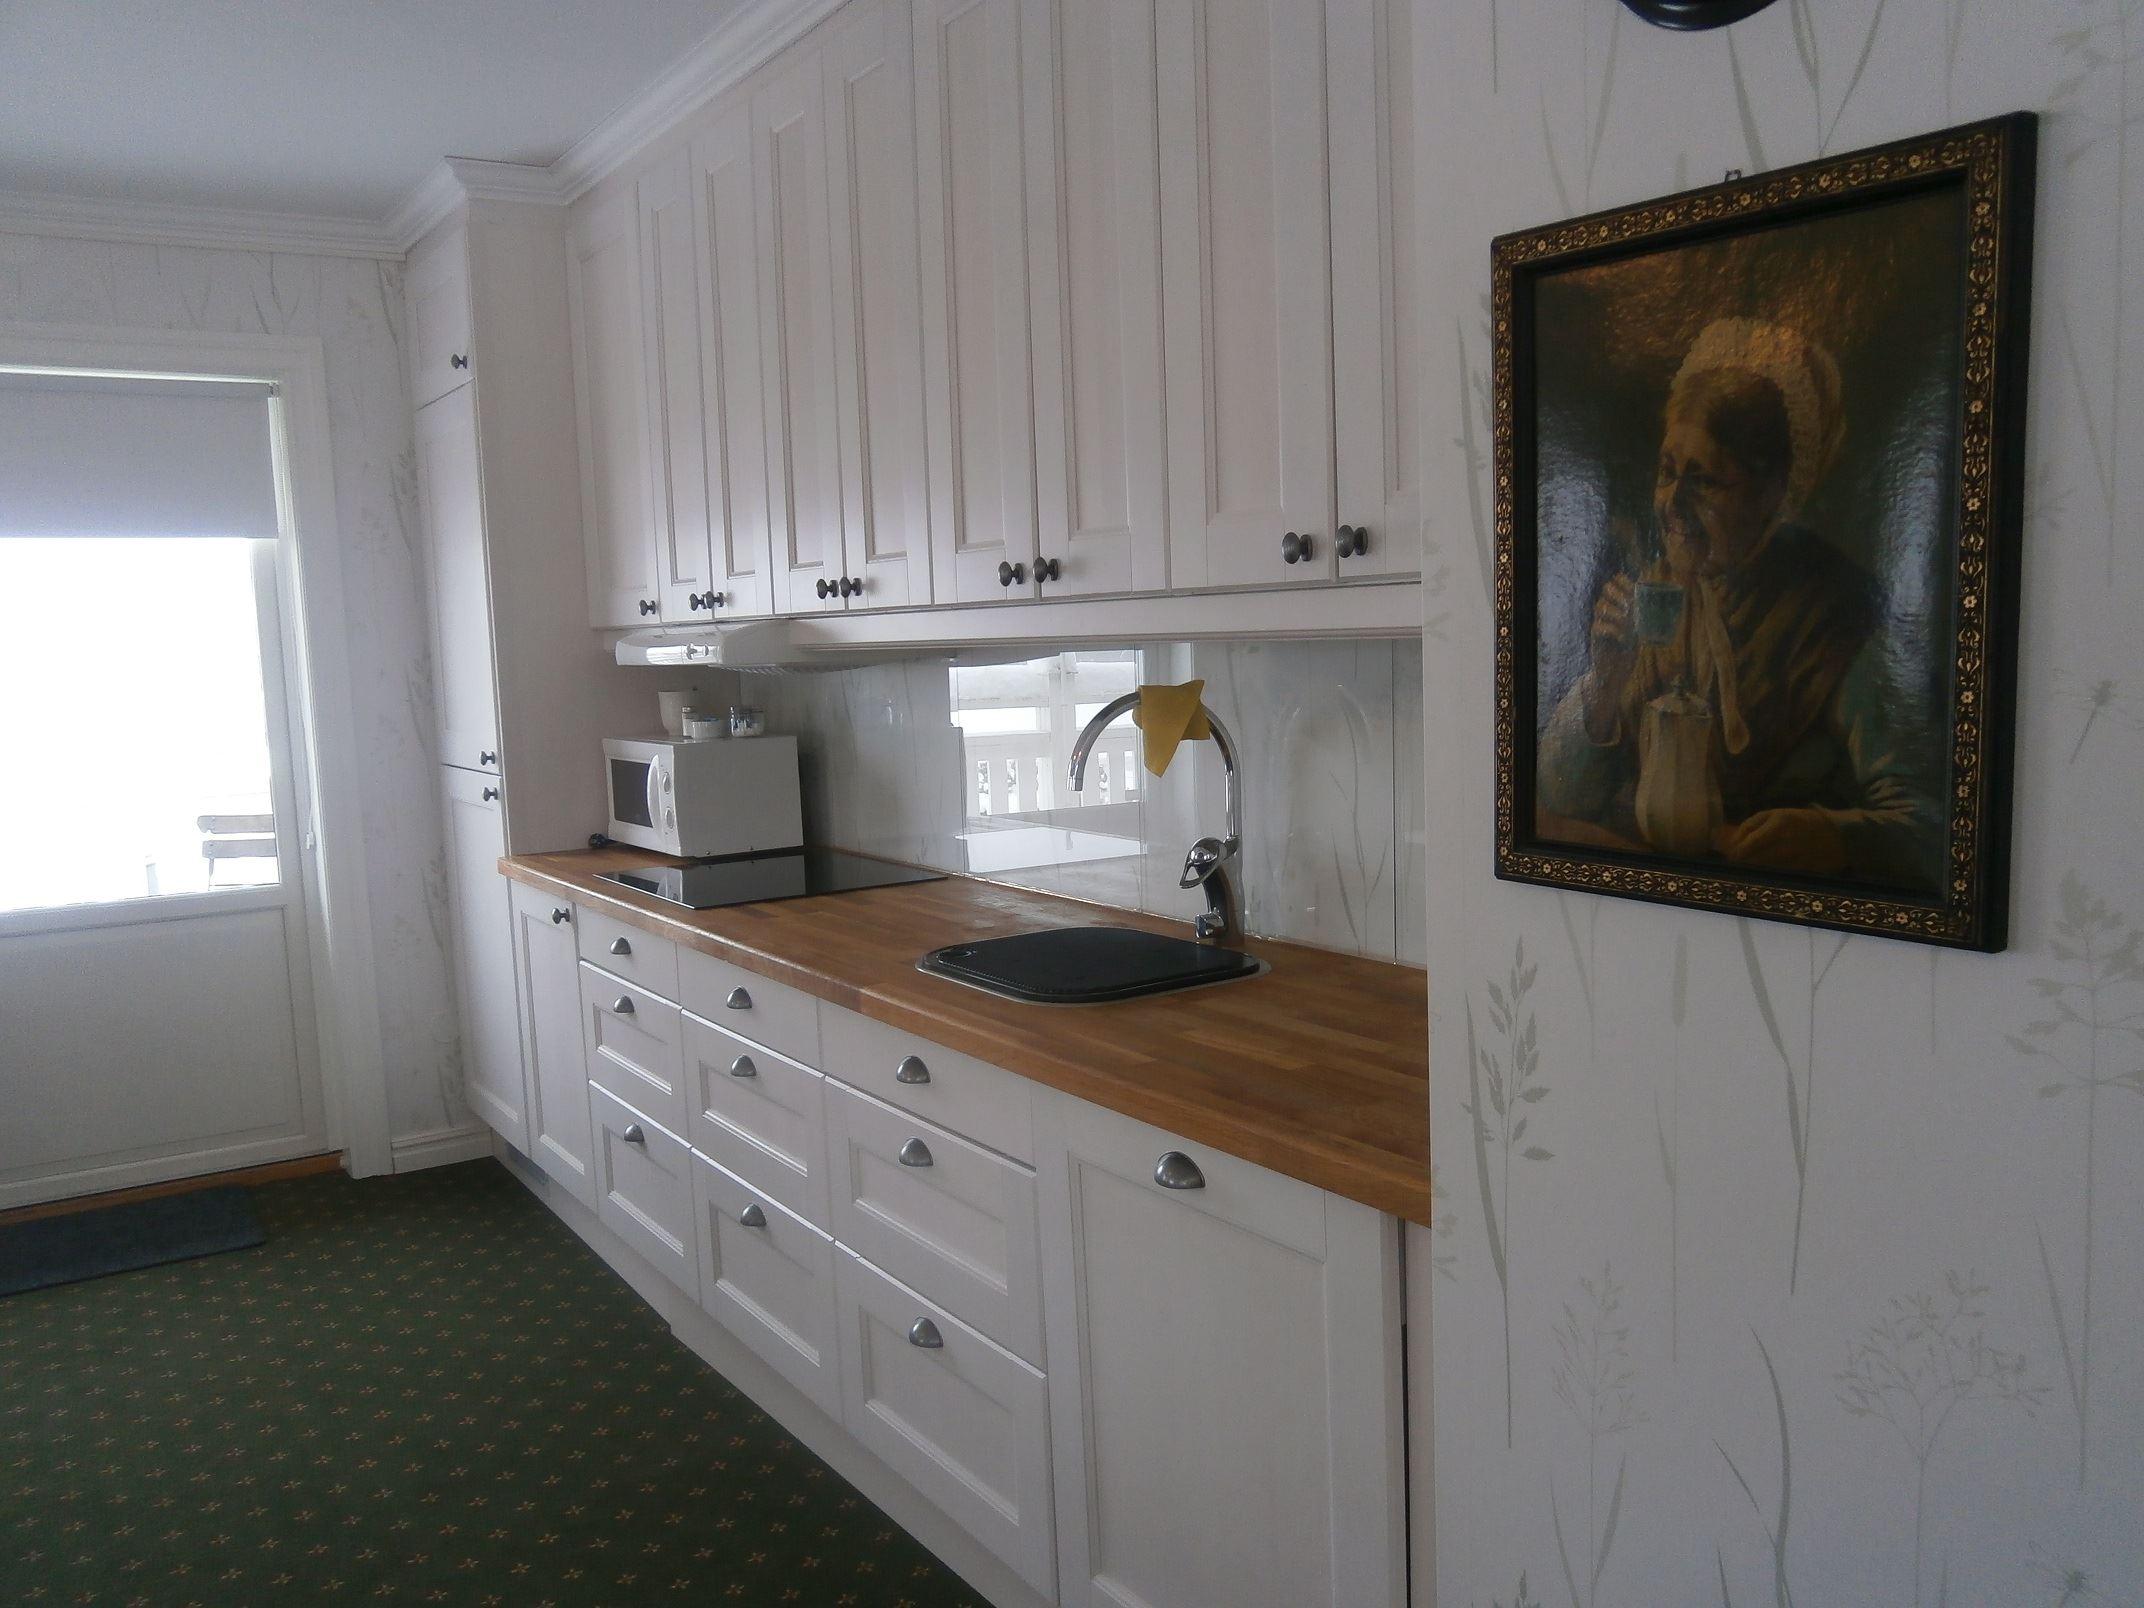 Lägenhet/ konferens